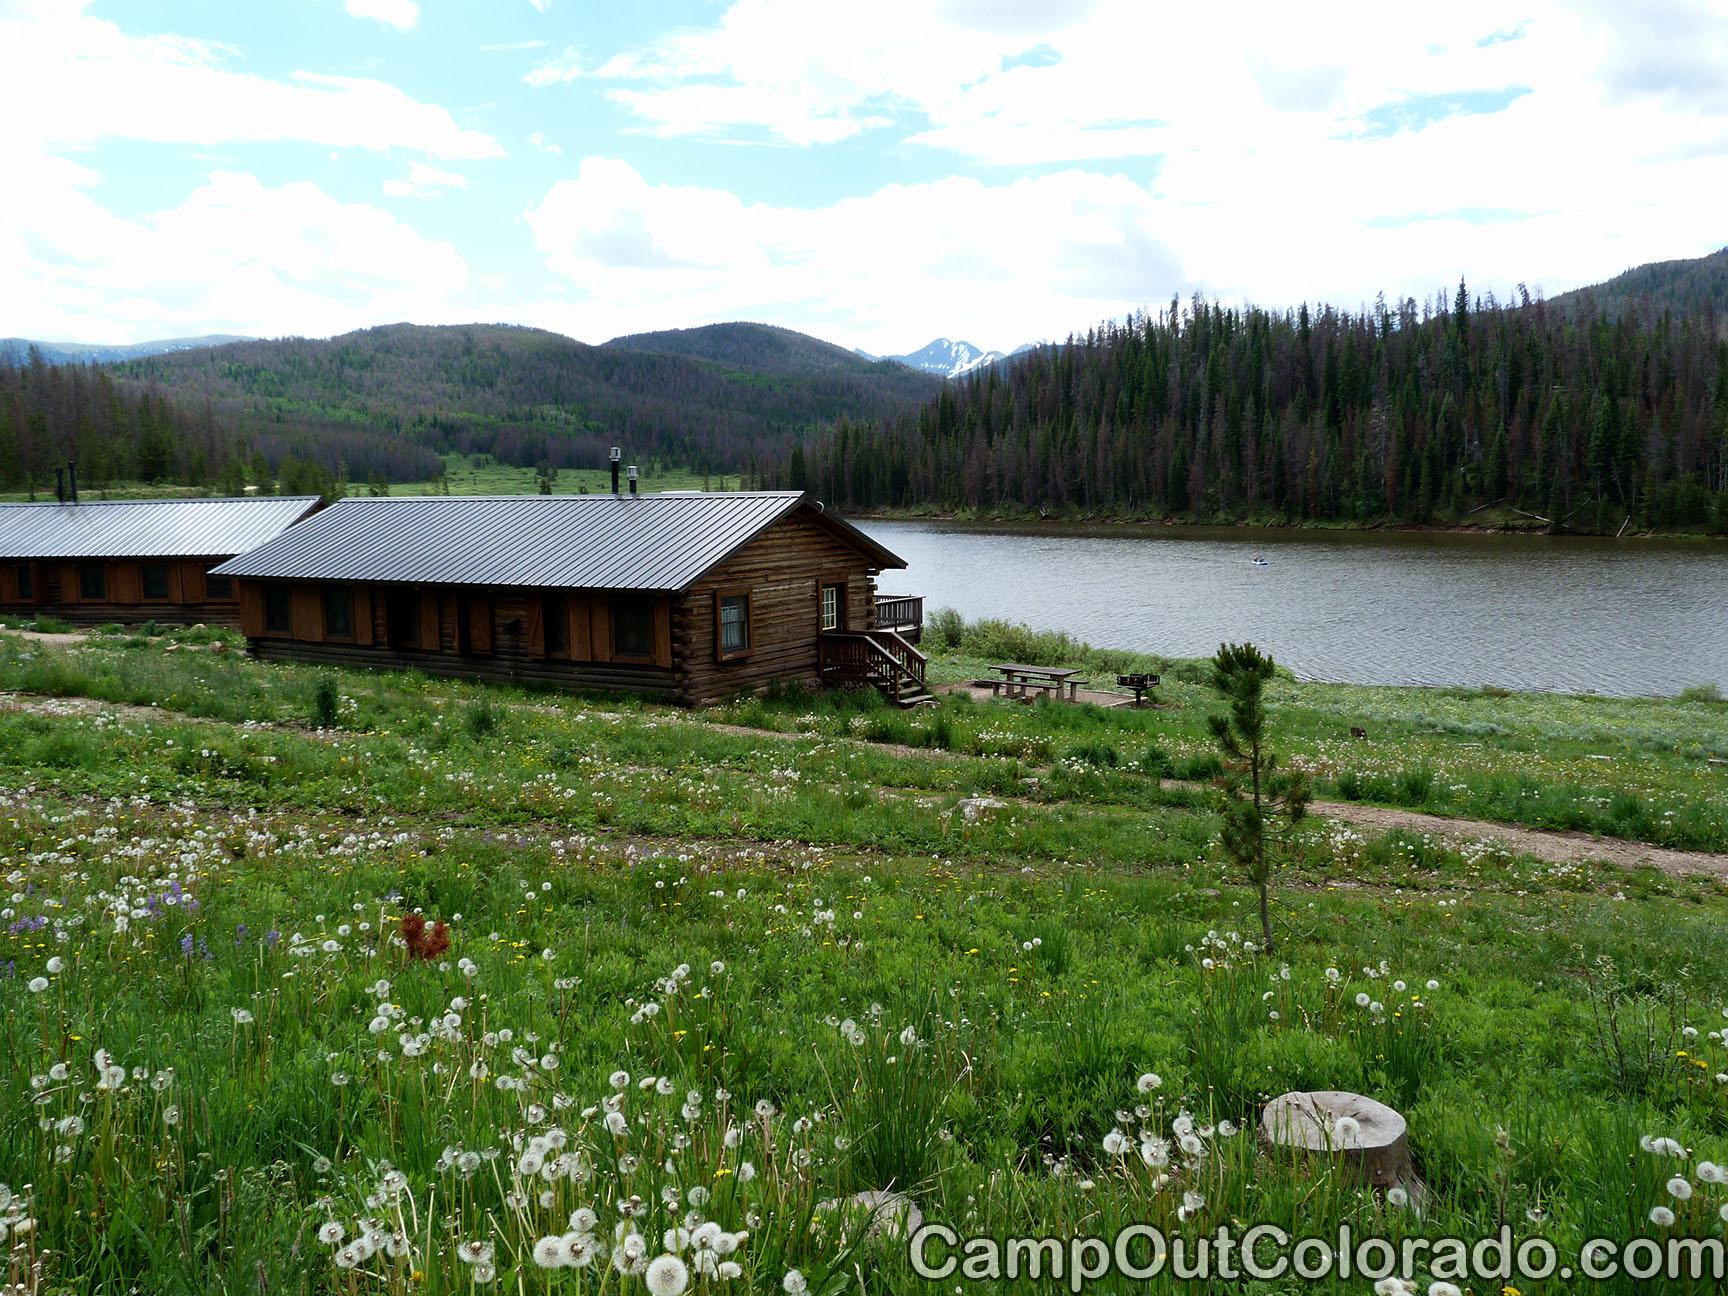 Campoutcolorado-north-michigan-reservoir-campground-big-cabin